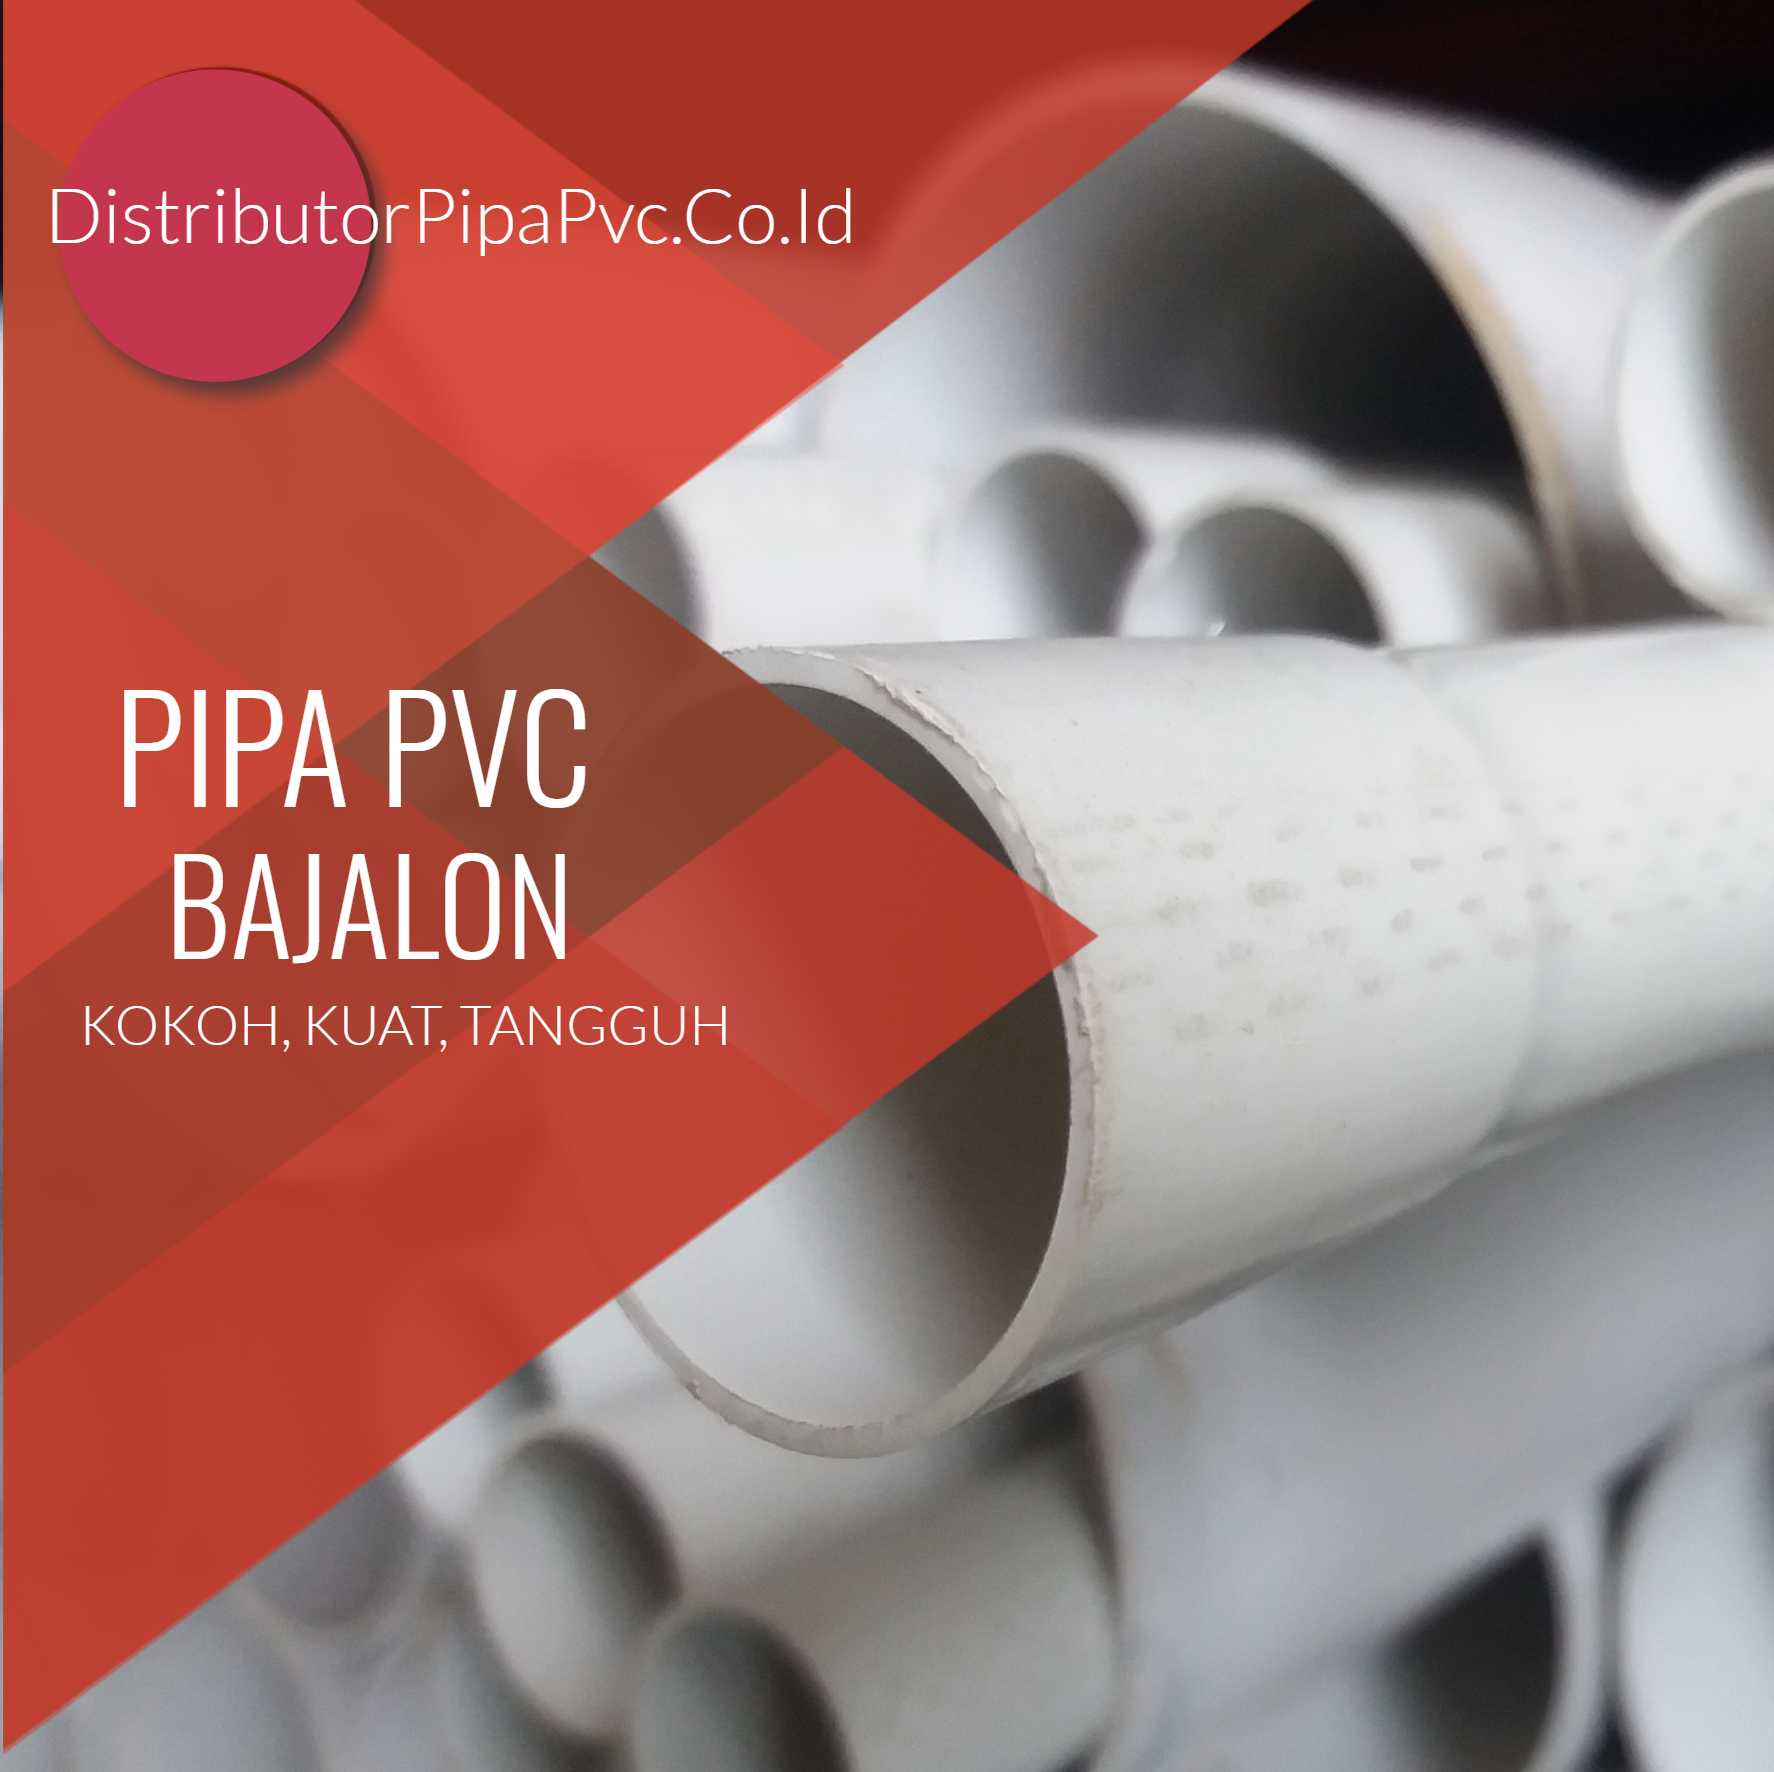 Pipa Pvc Bajalon